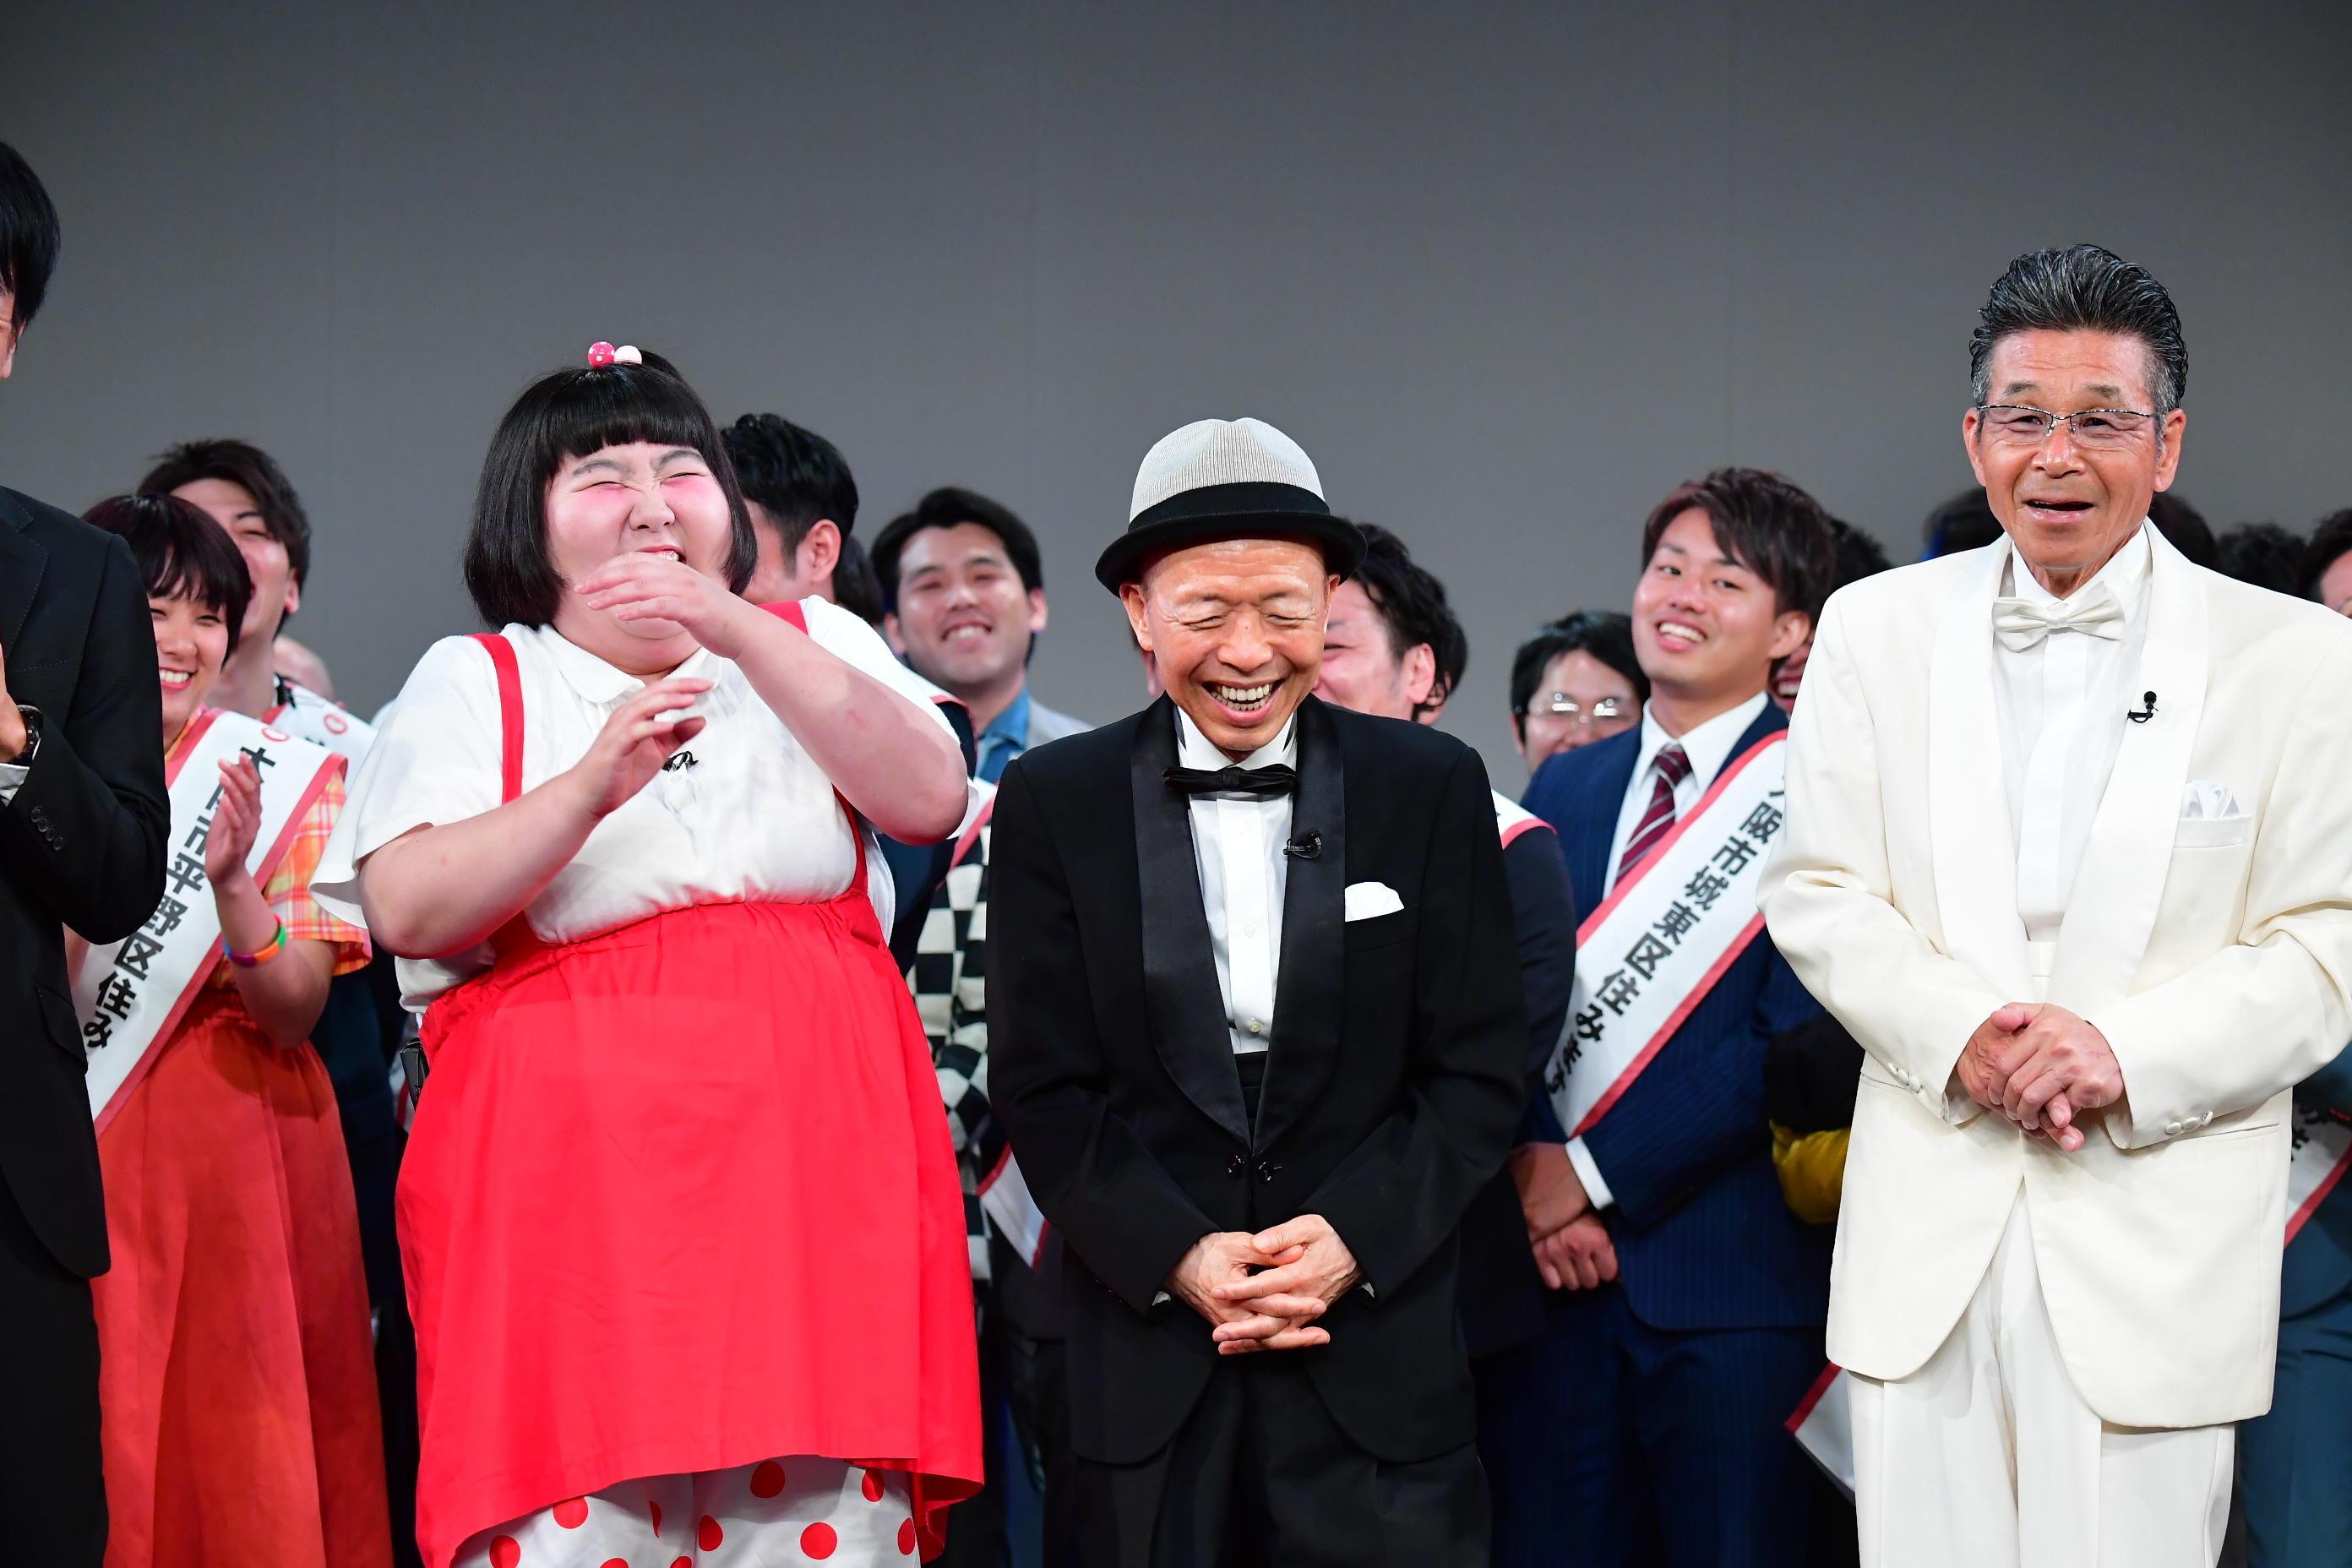 http://news.yoshimoto.co.jp/20180627221817-61d6540781433bdfdb5dc731d3022281cd8777ad.jpg